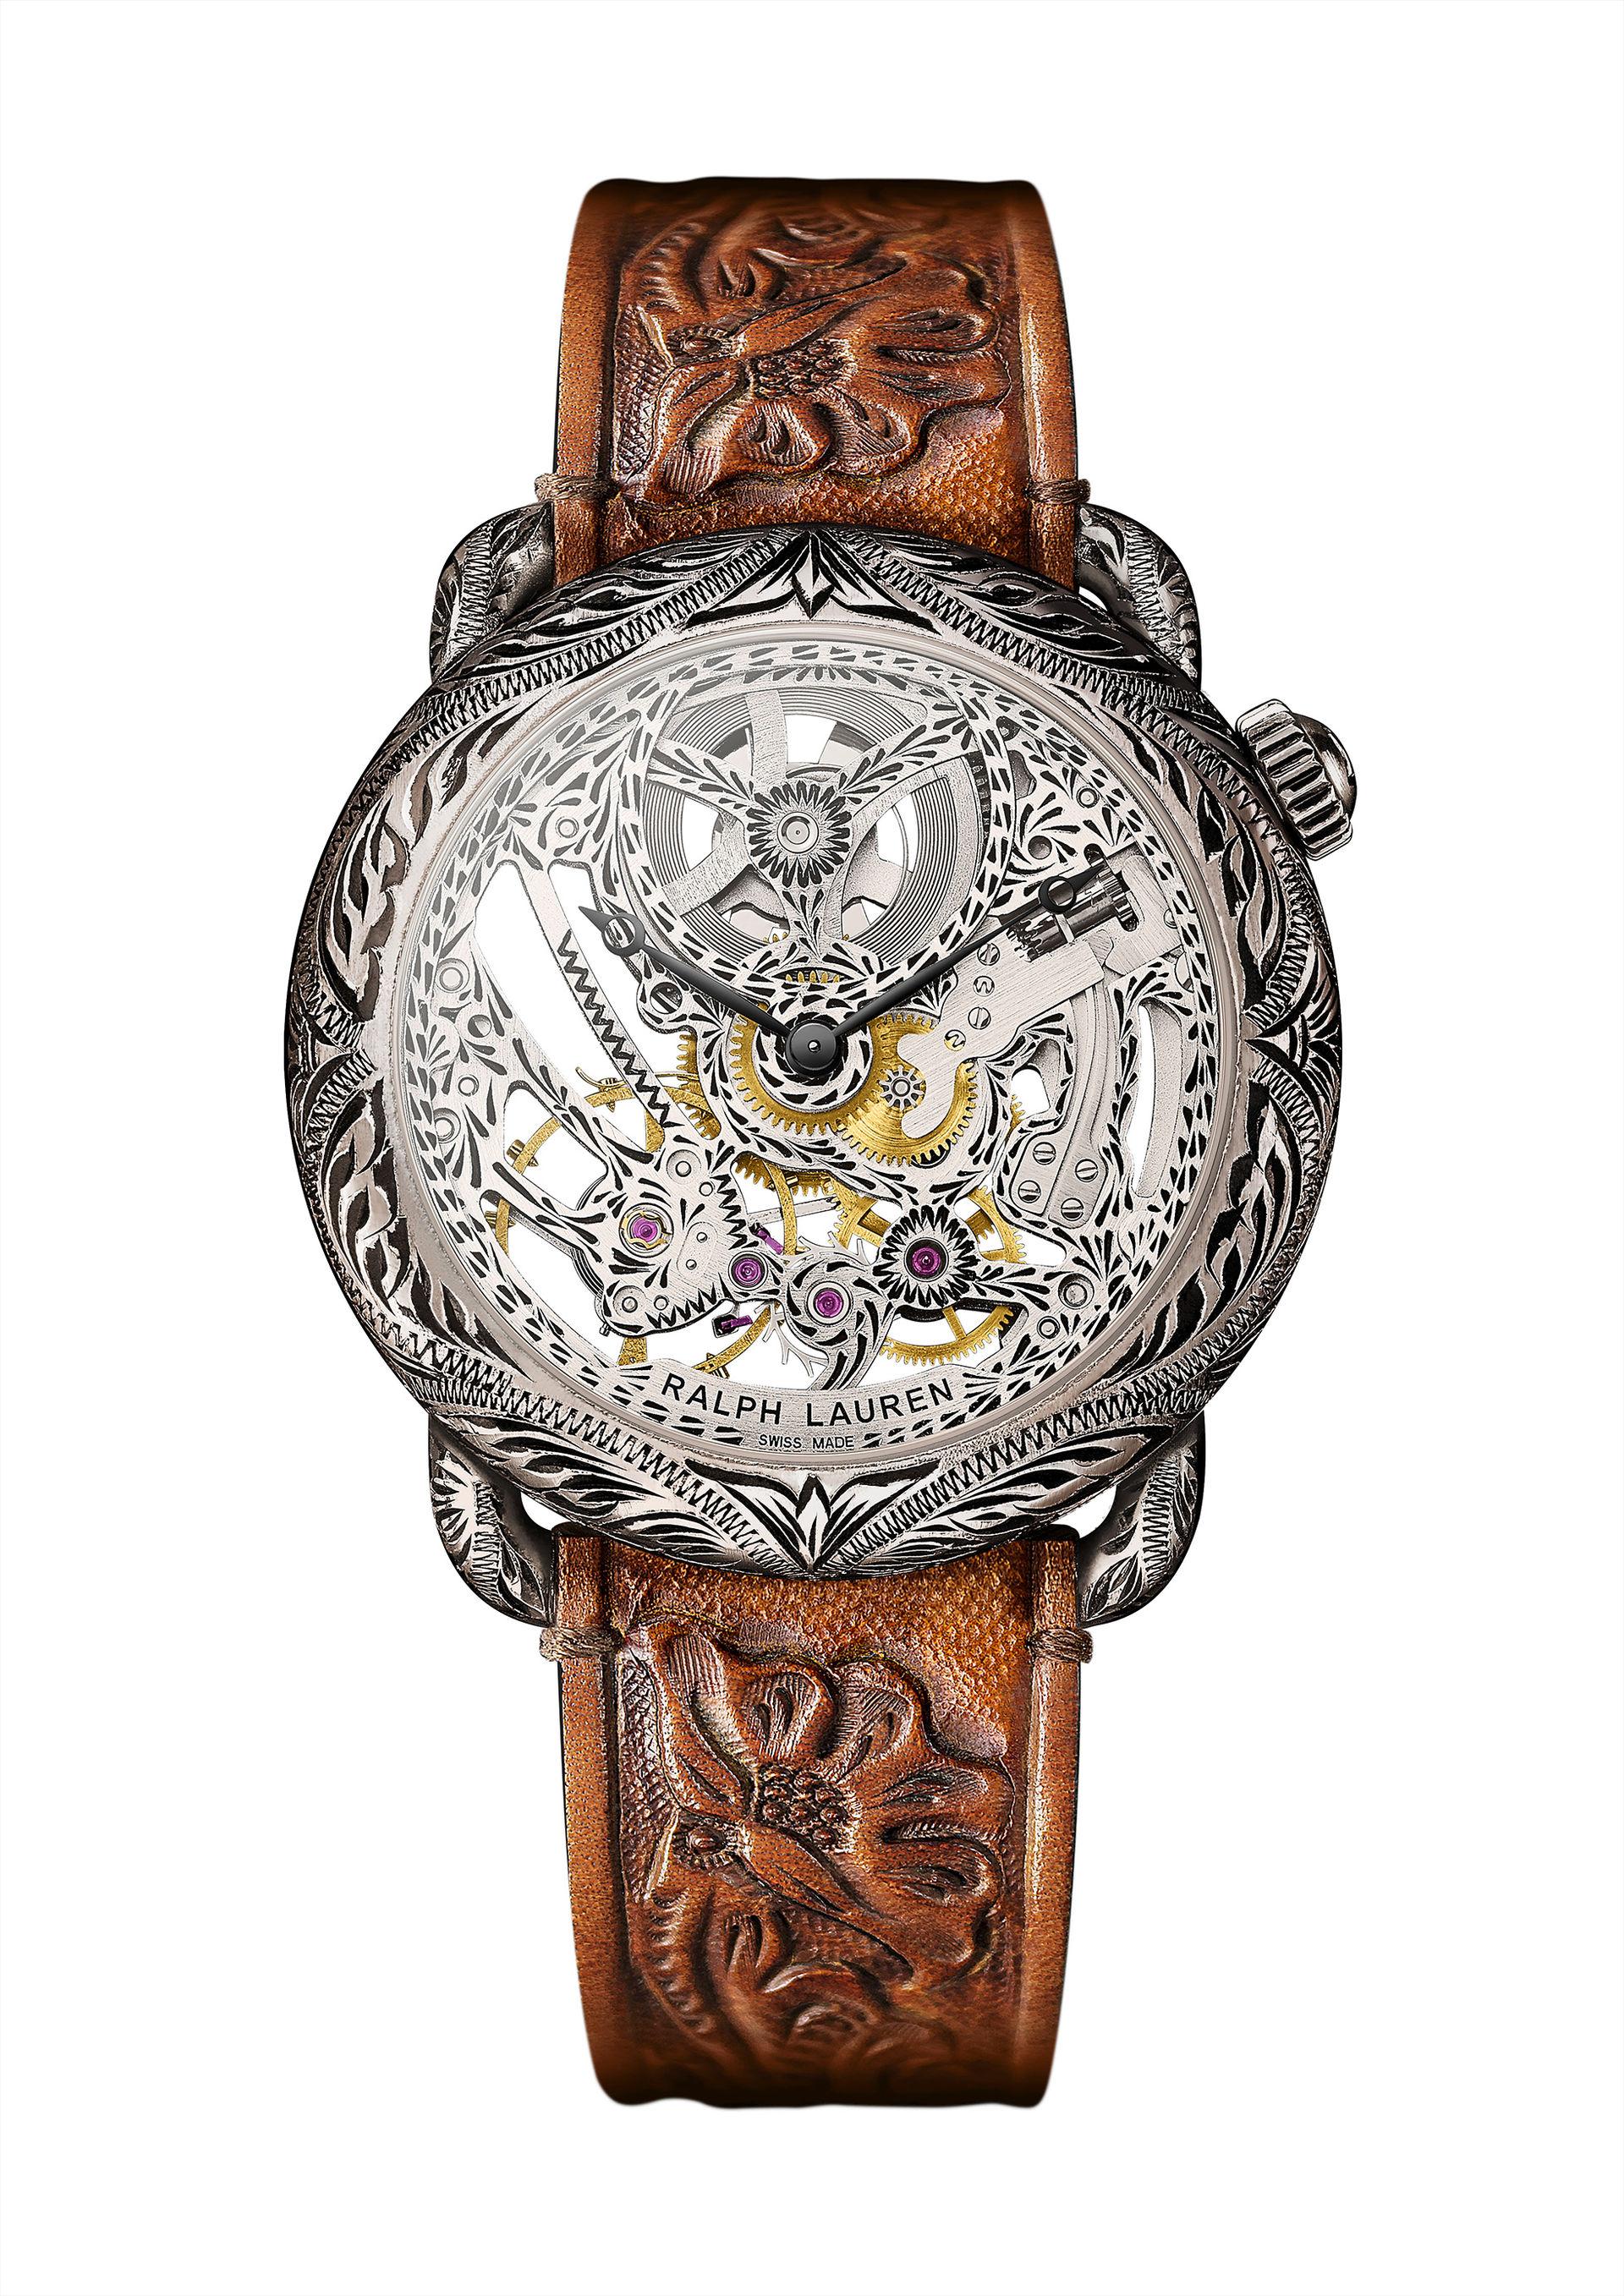 Klockor med vilda västern-tema